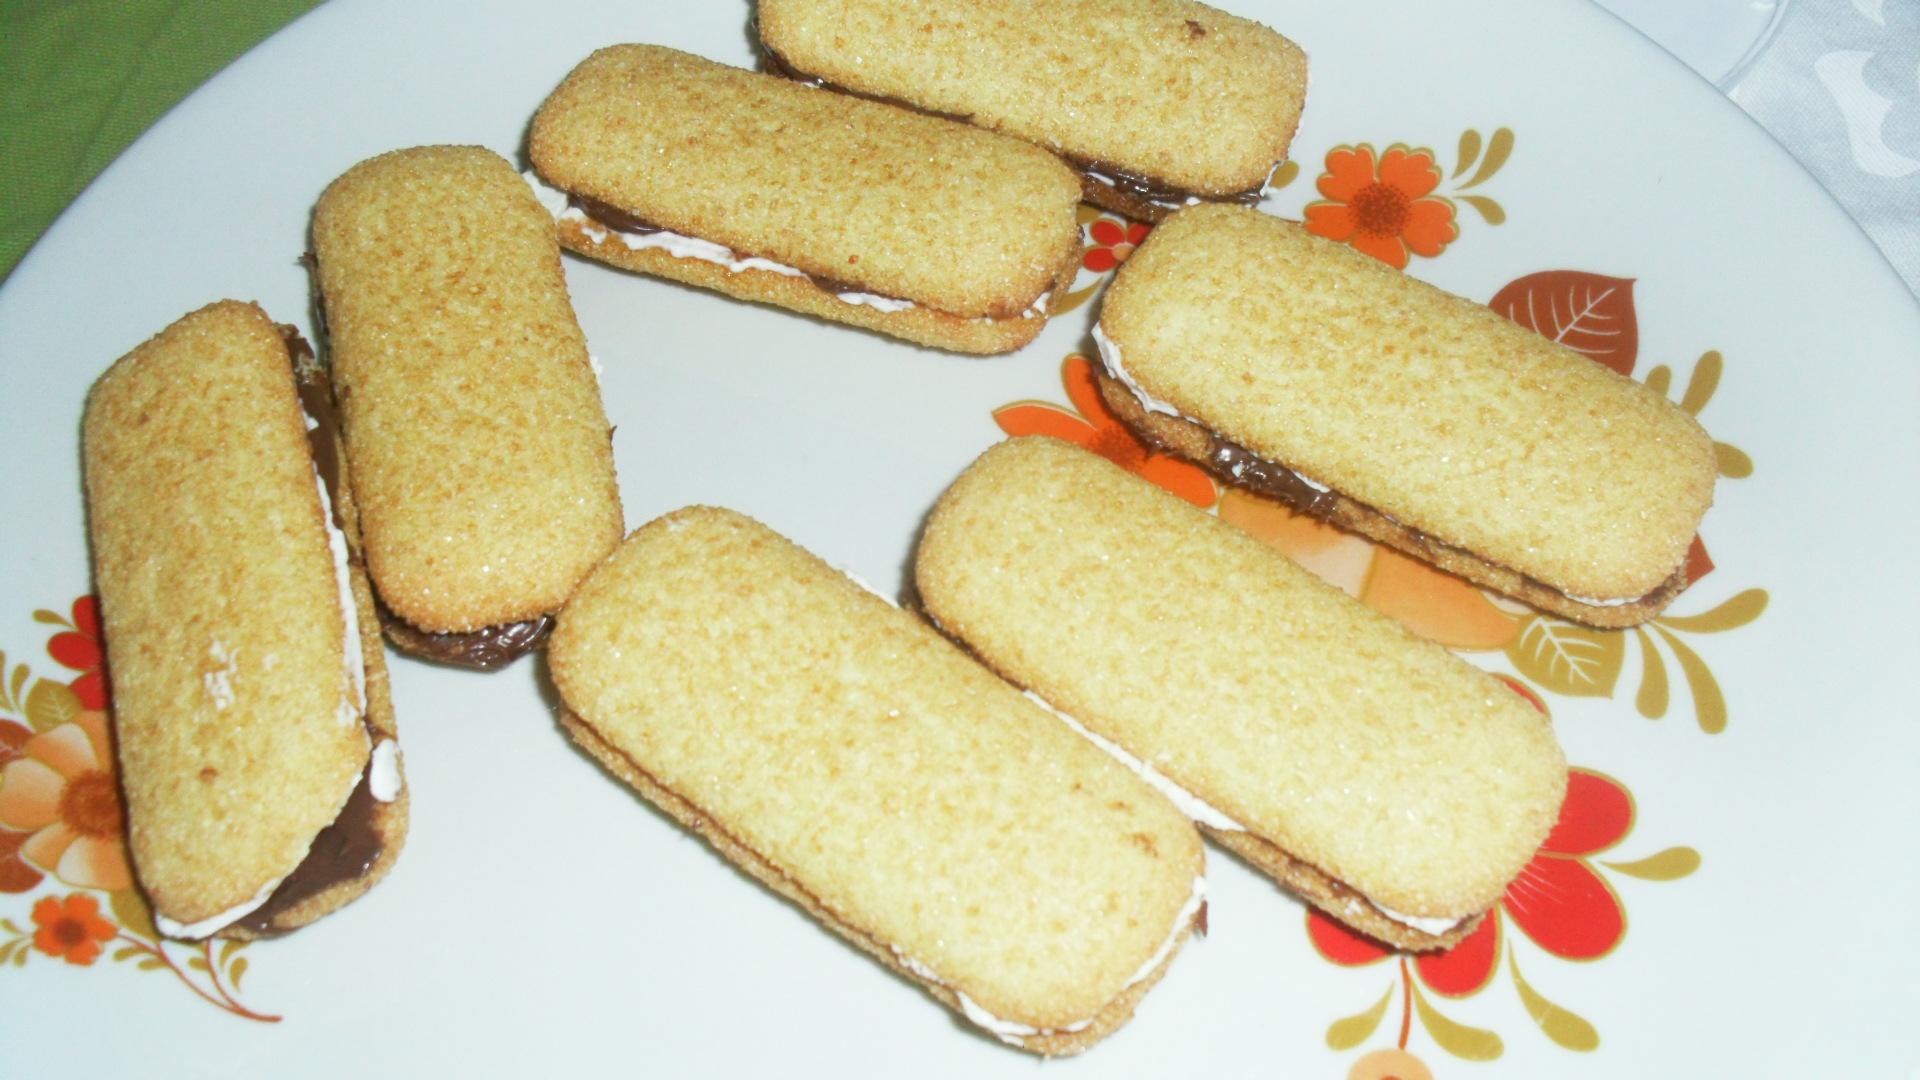 anna nutella Jeg vil gerne introducere jer til en sundere kokos nutella fyldt med kokos og smagt til med salt, kakao og sødet med dadler find den nemme opskrift her.